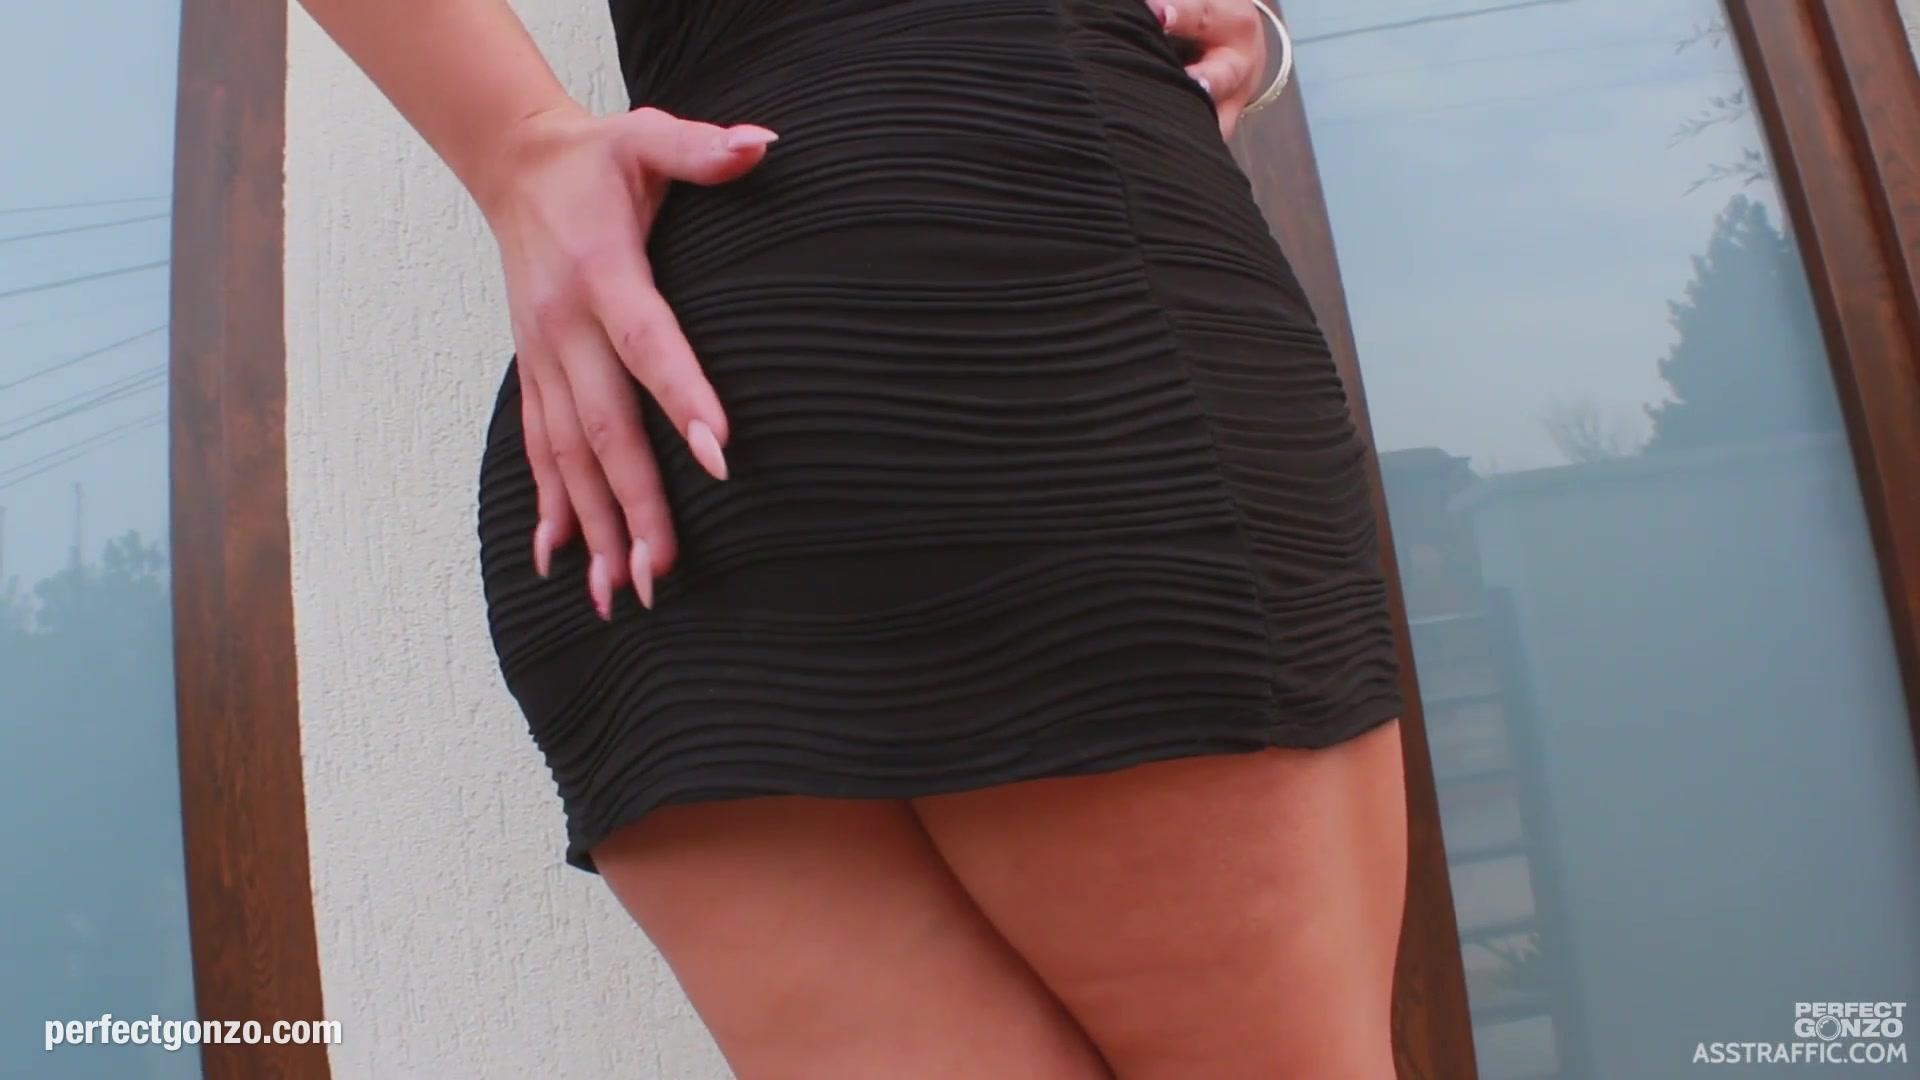 Hot porno Nadine velazquez boob job